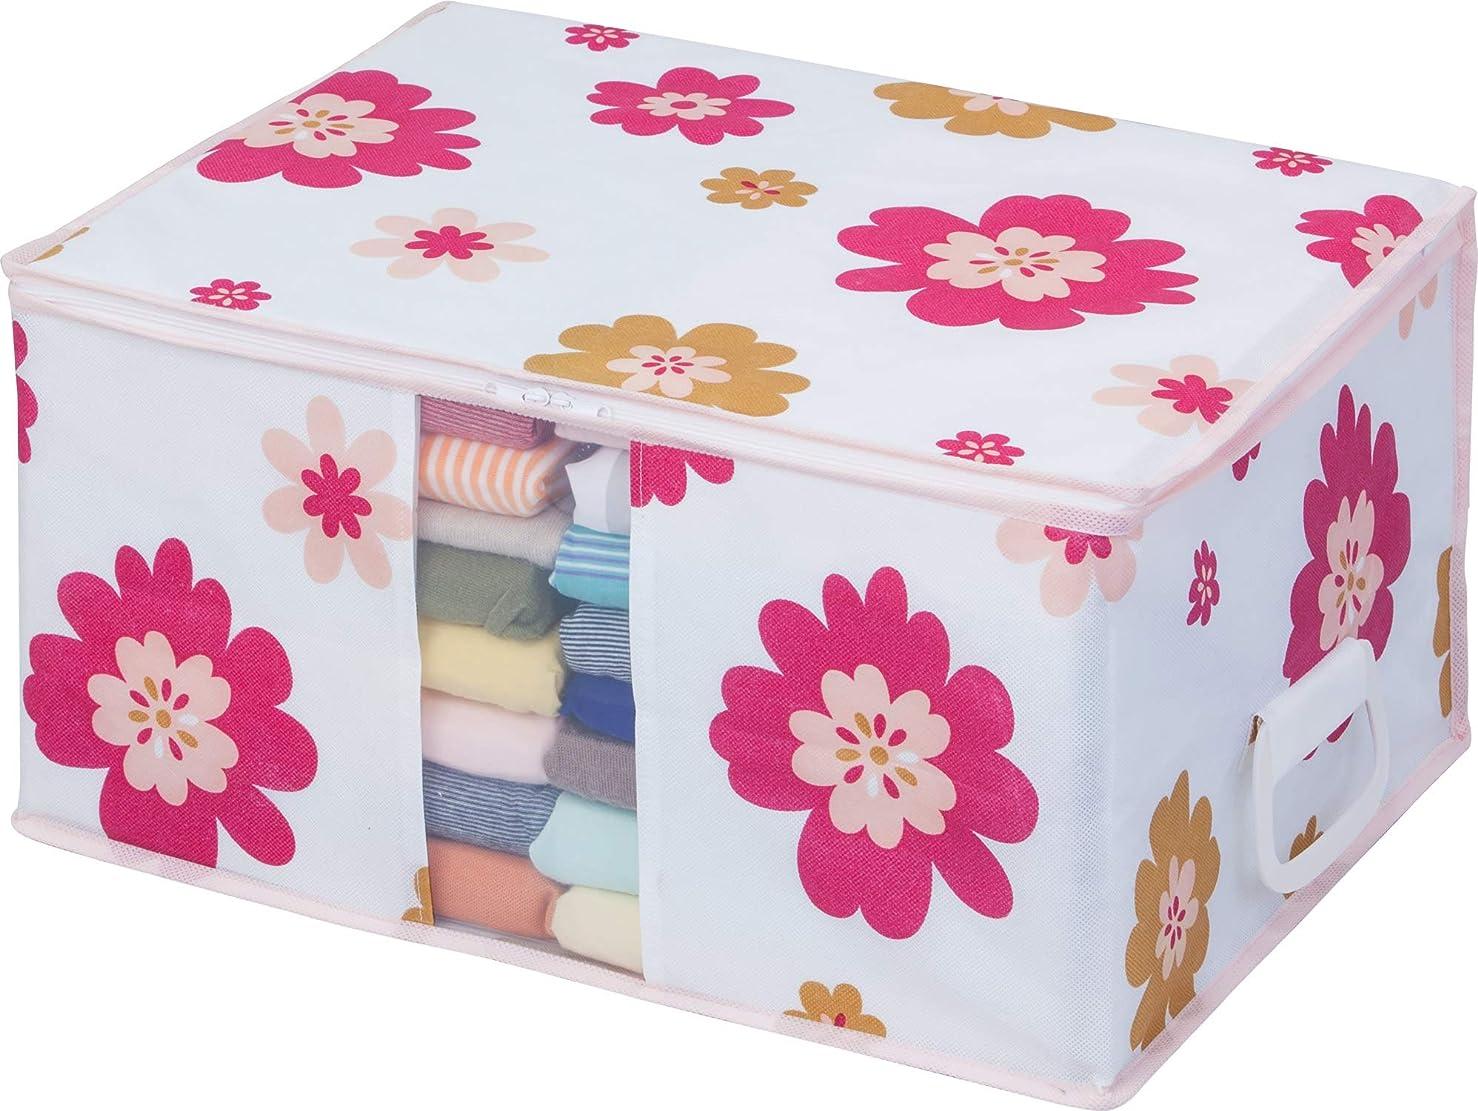 アストロ 収納ボックス 衣類用 花柄 不織布 抗菌?防臭 取っ手付き 618-40